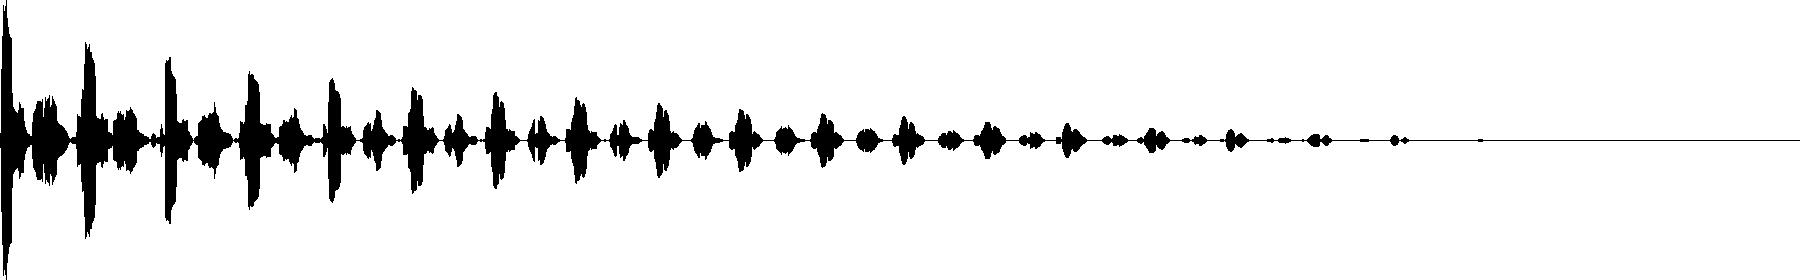 veh2 synths   075 c